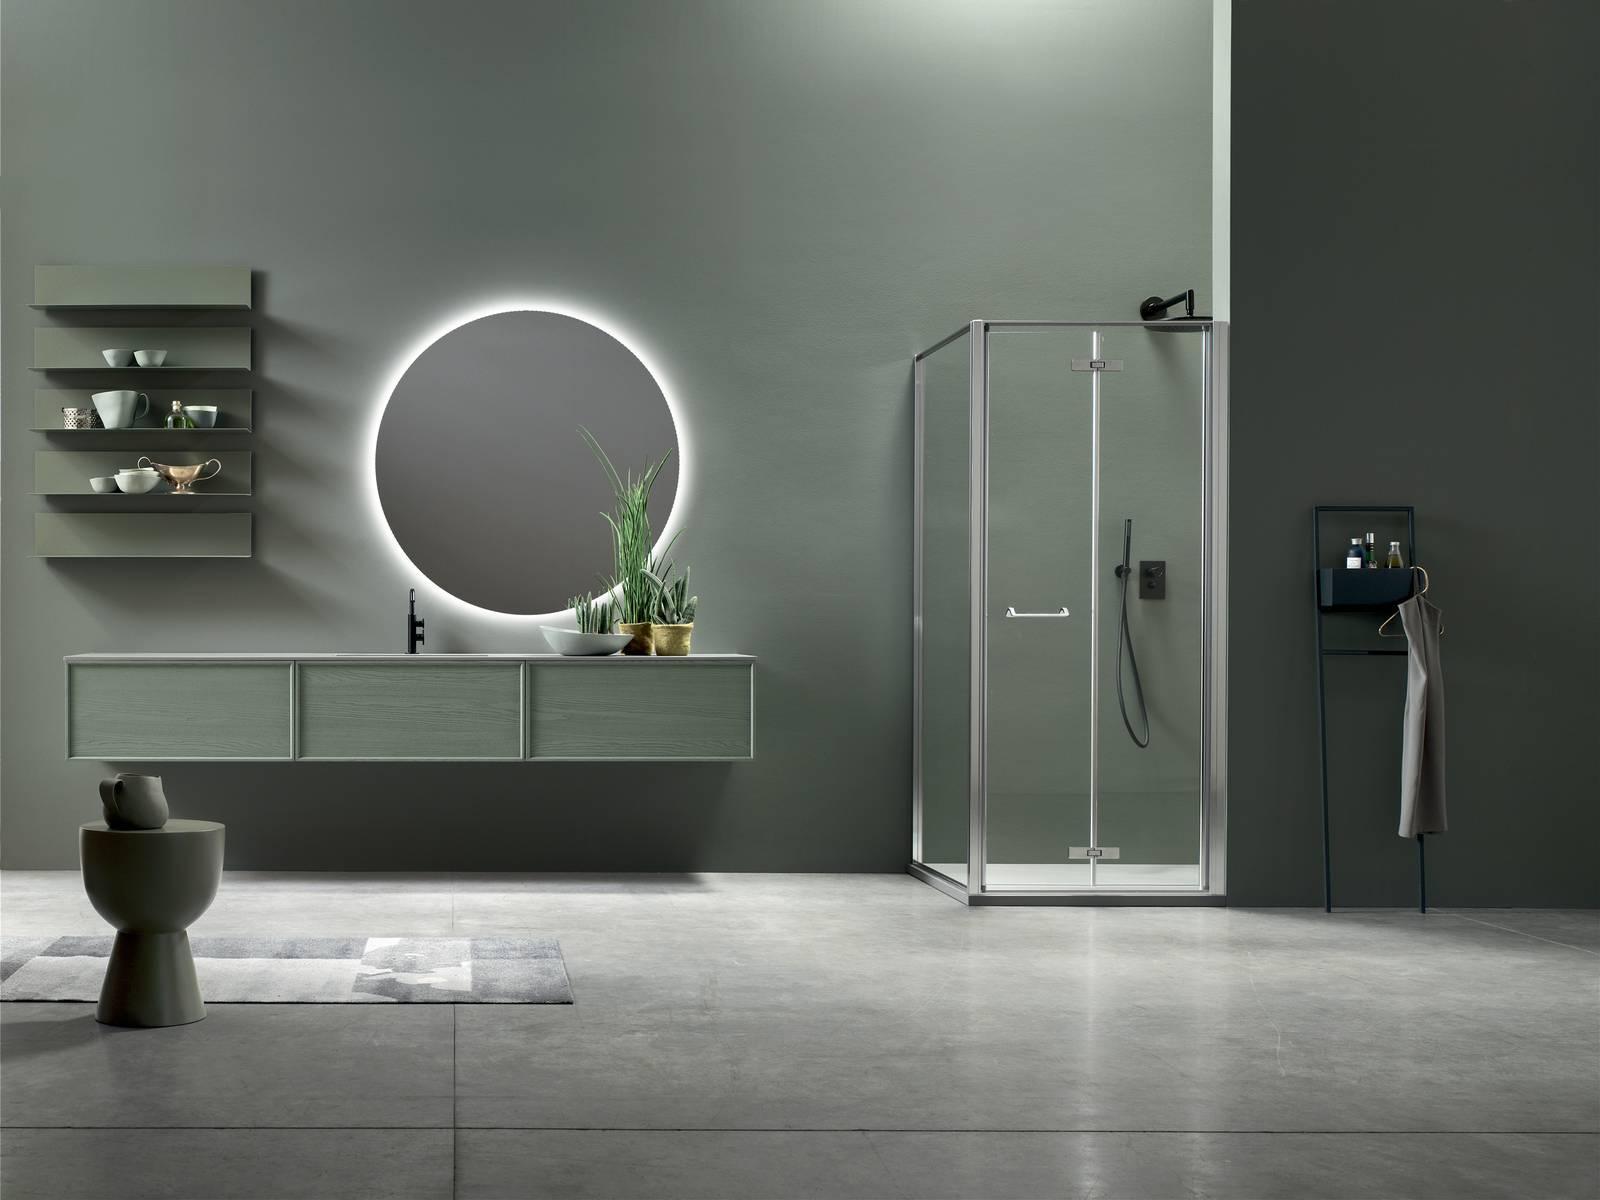 Arcom bagno coordinato dal top ai profili doccia cose di casa